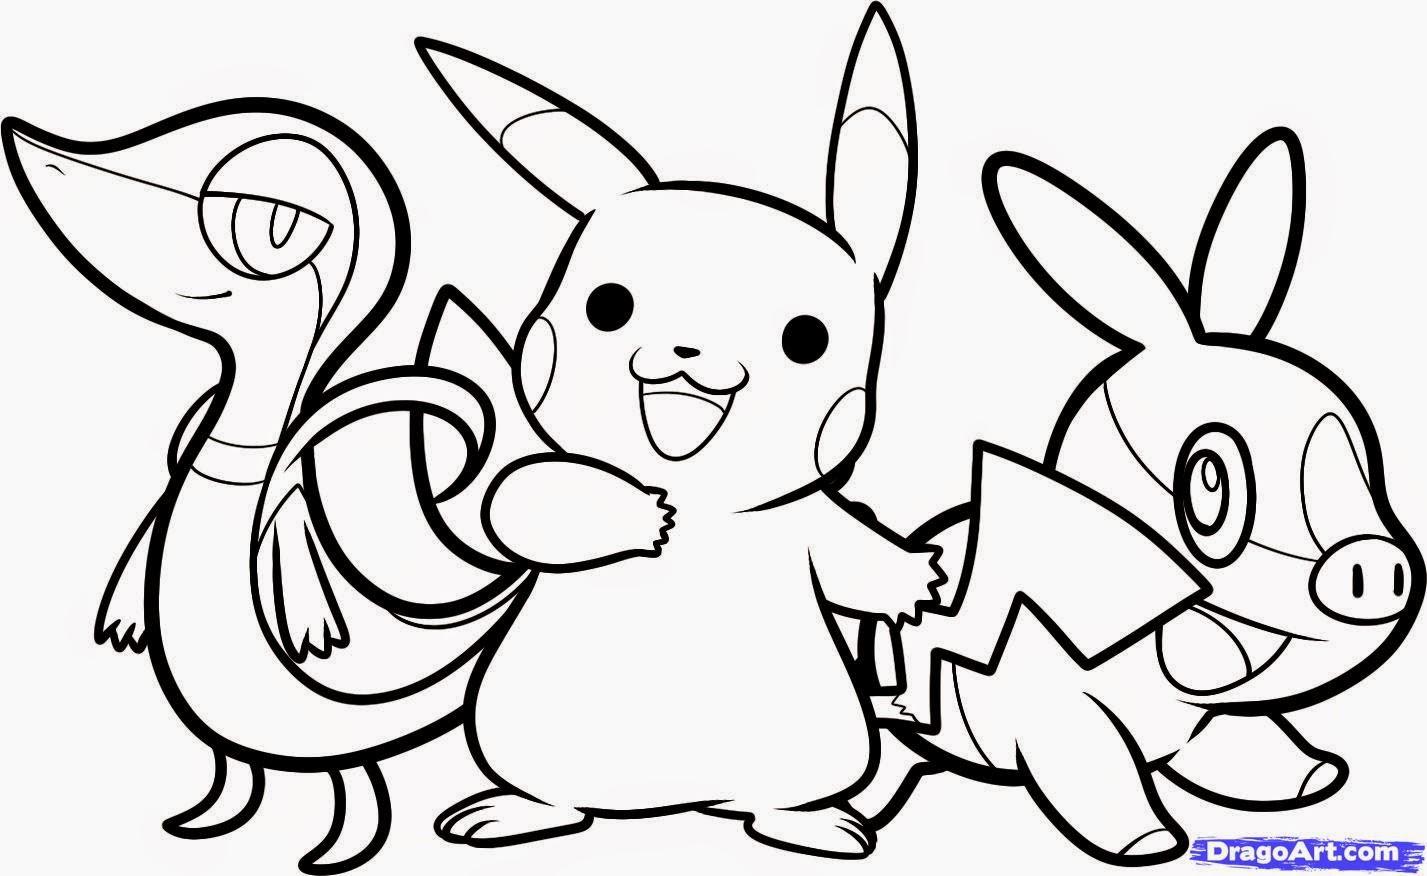 20 dessins de coloriage pokemon en ligne  u00e0 imprimer